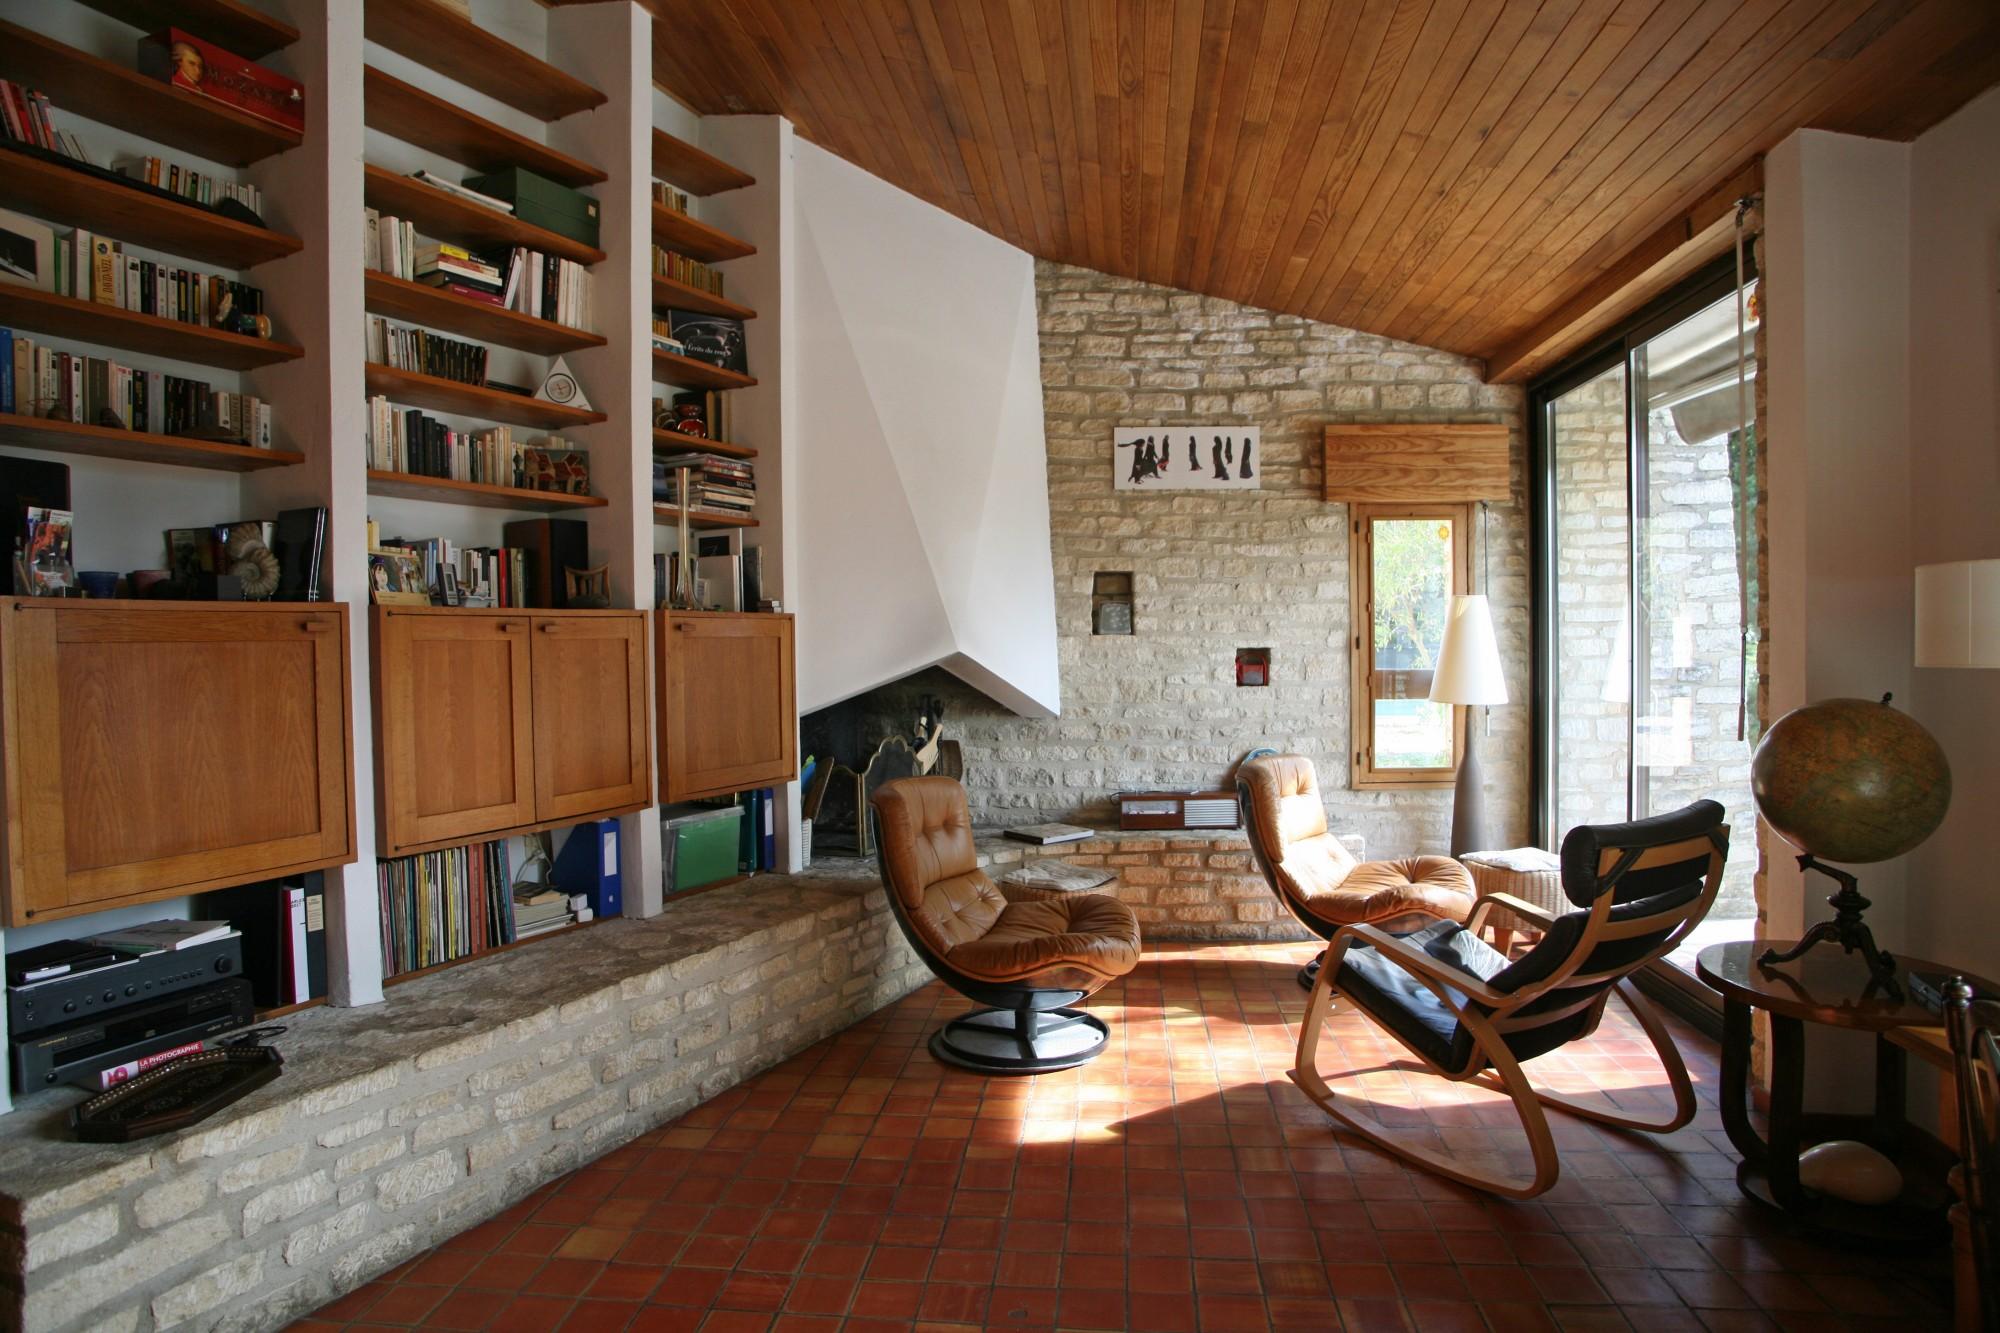 Luberon - Maison contemporaine lumineuse bénéficiant de belles vues